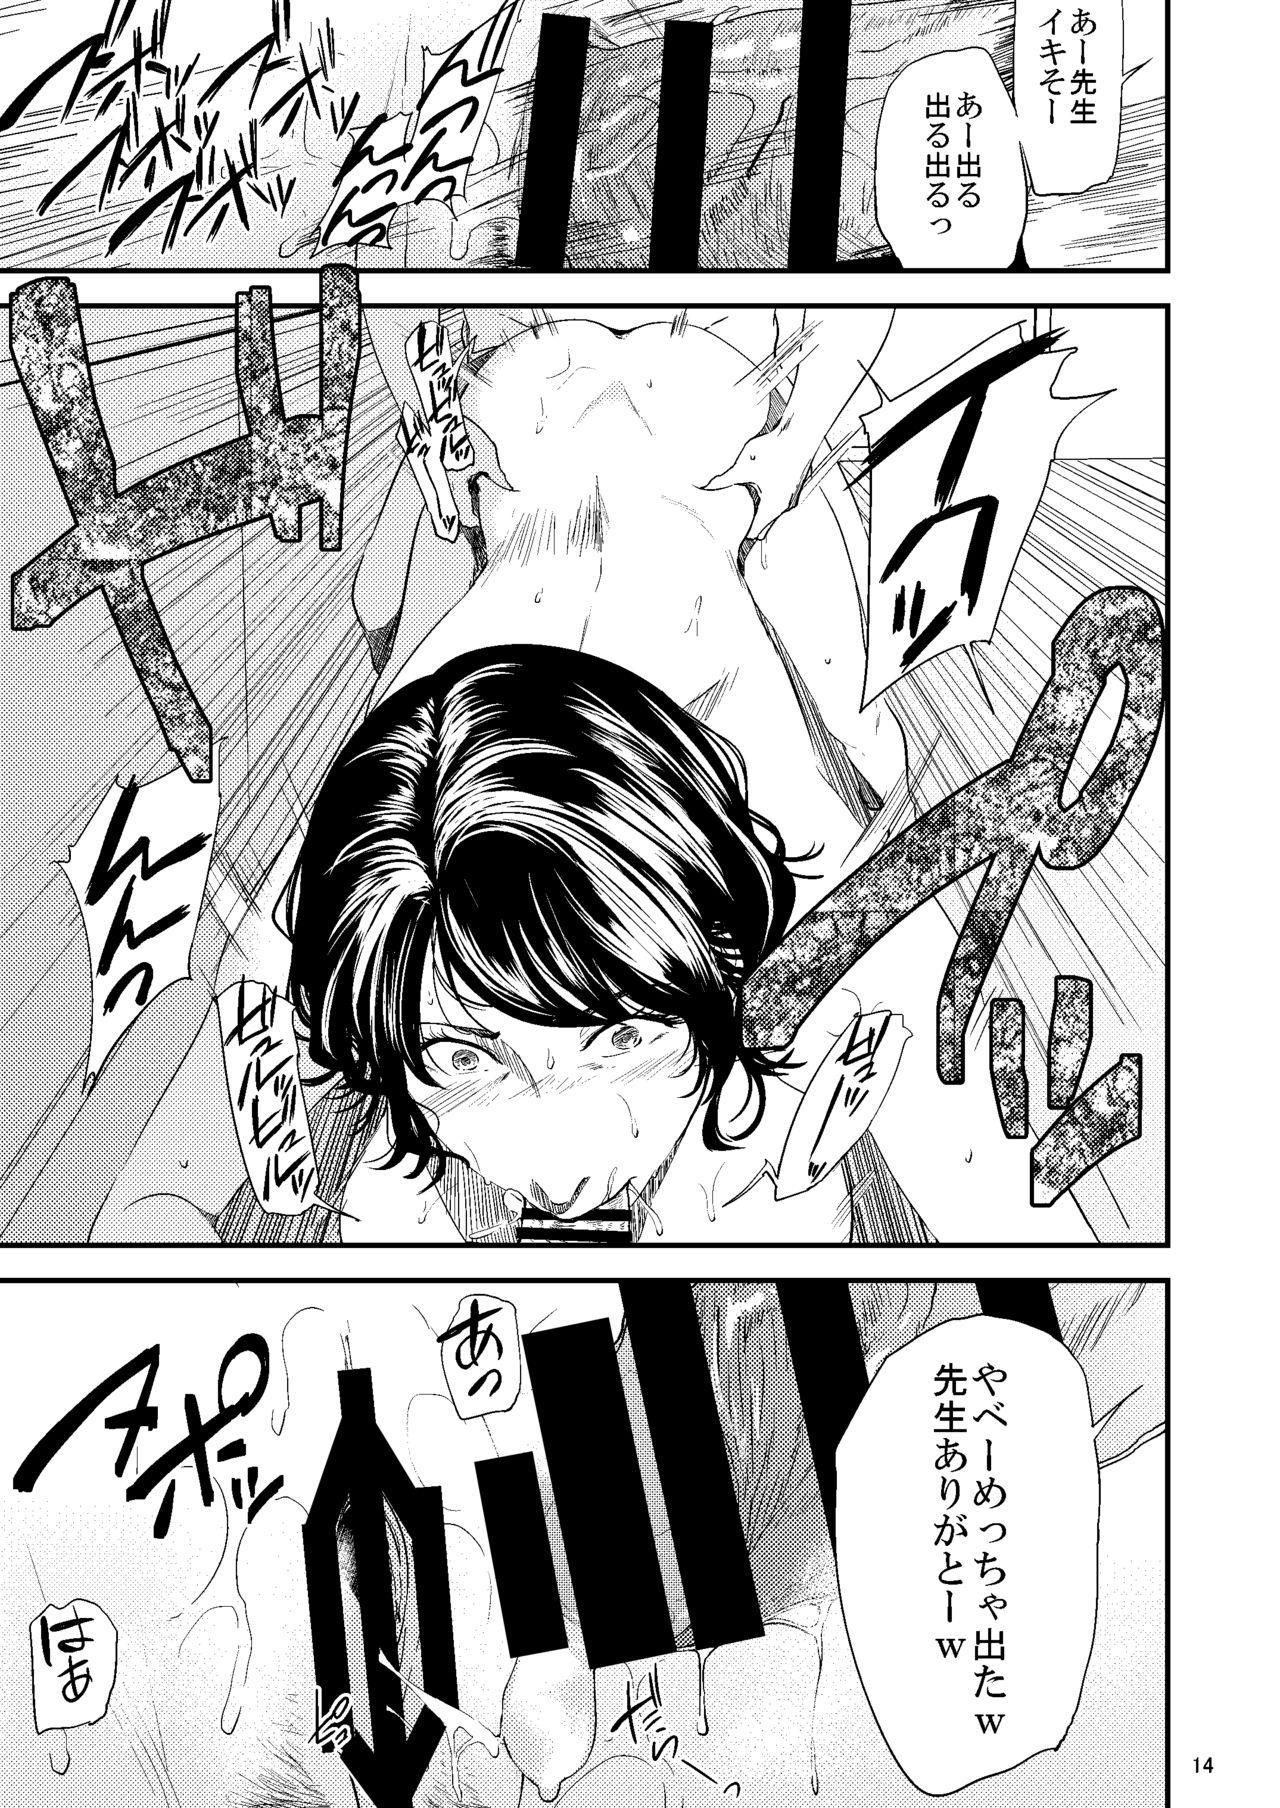 Sukoshi Ki no Tsuyoi Rika no Sensei ga Seito ni Moteasobareru H Na Hon 13